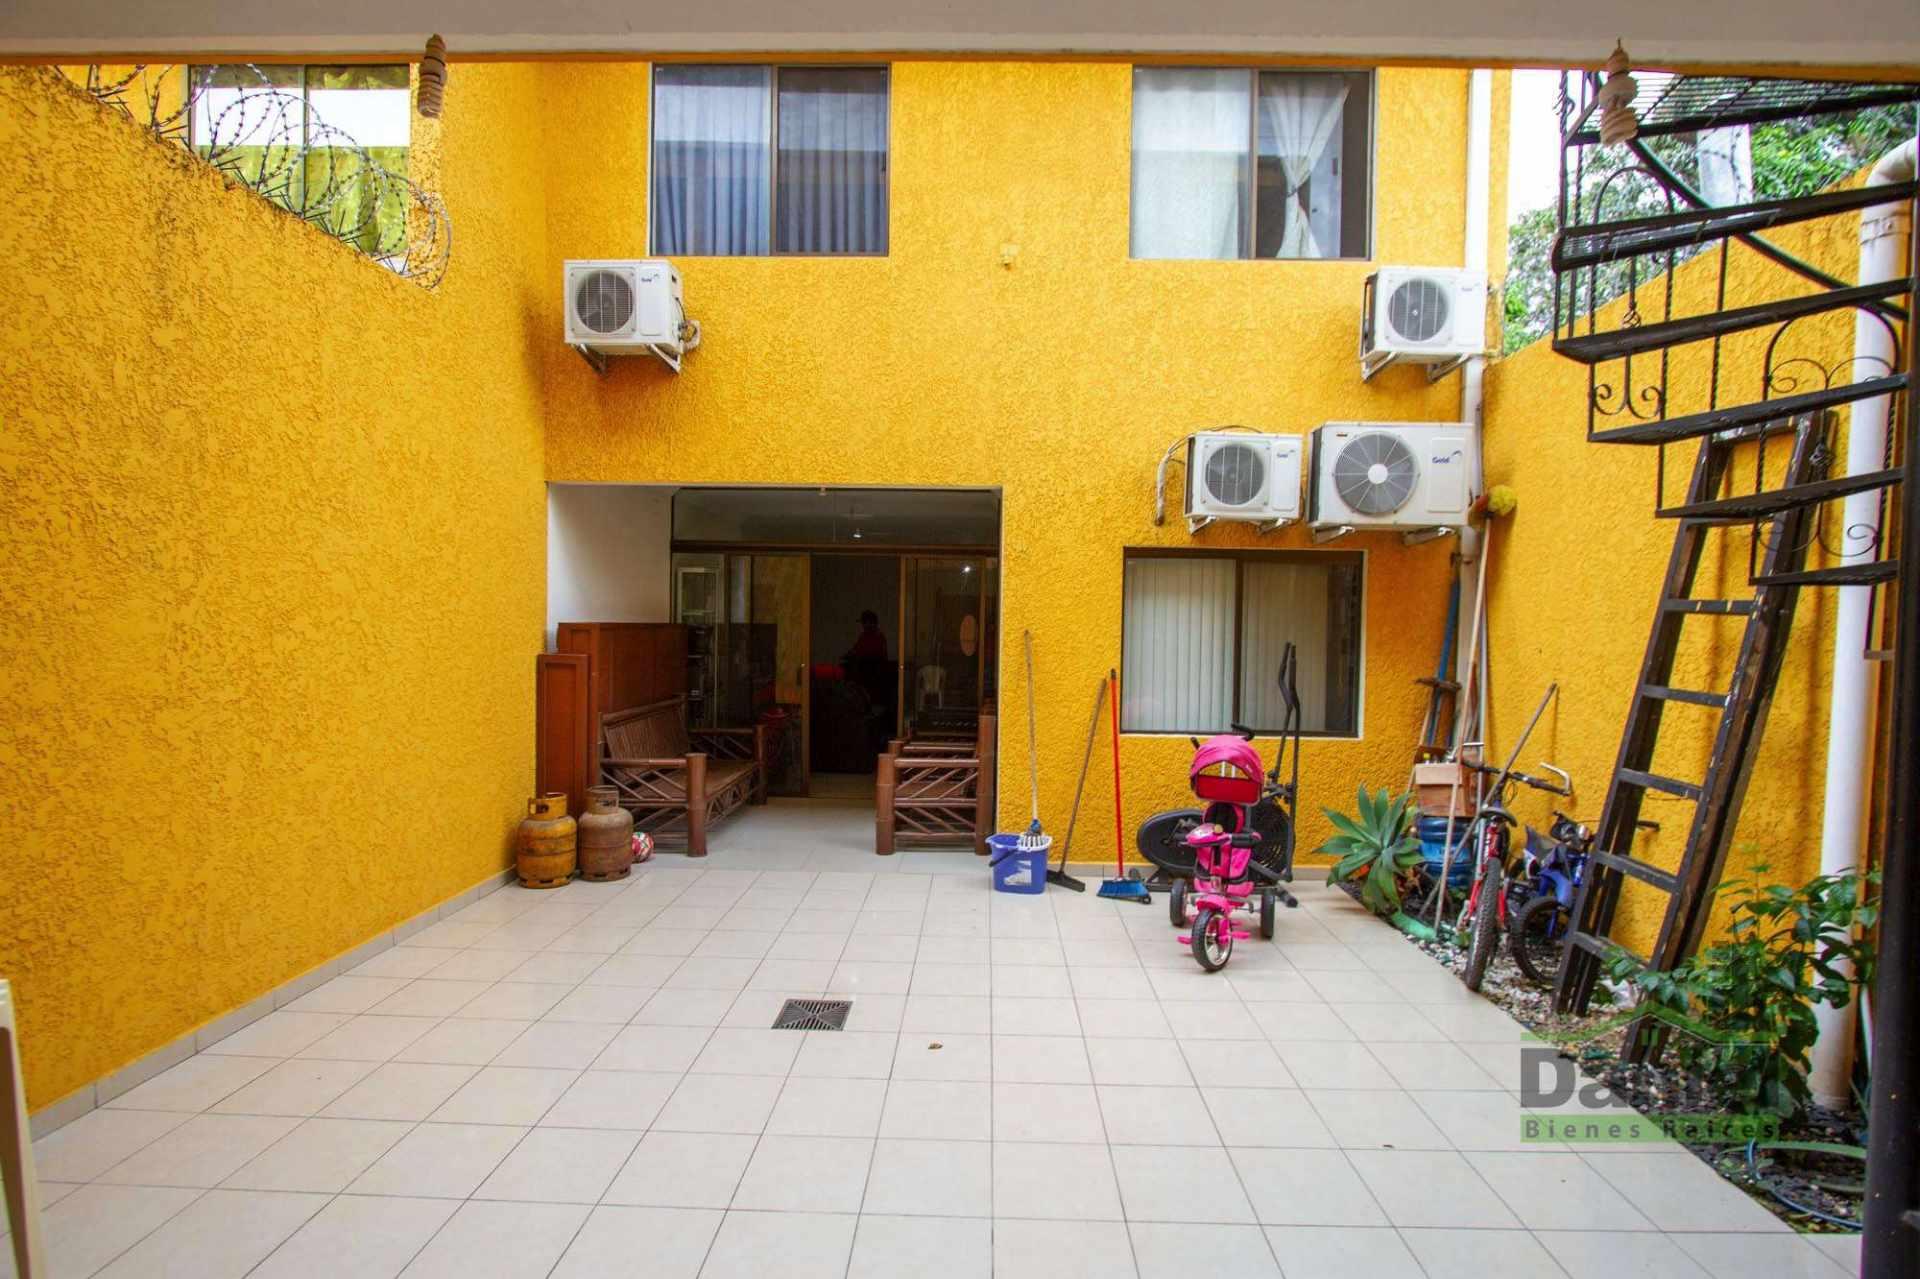 Casa en Venta EN VENTA BONITA CASA RADIAL 27 Y CALLE LOS GUAPOS Foto 24